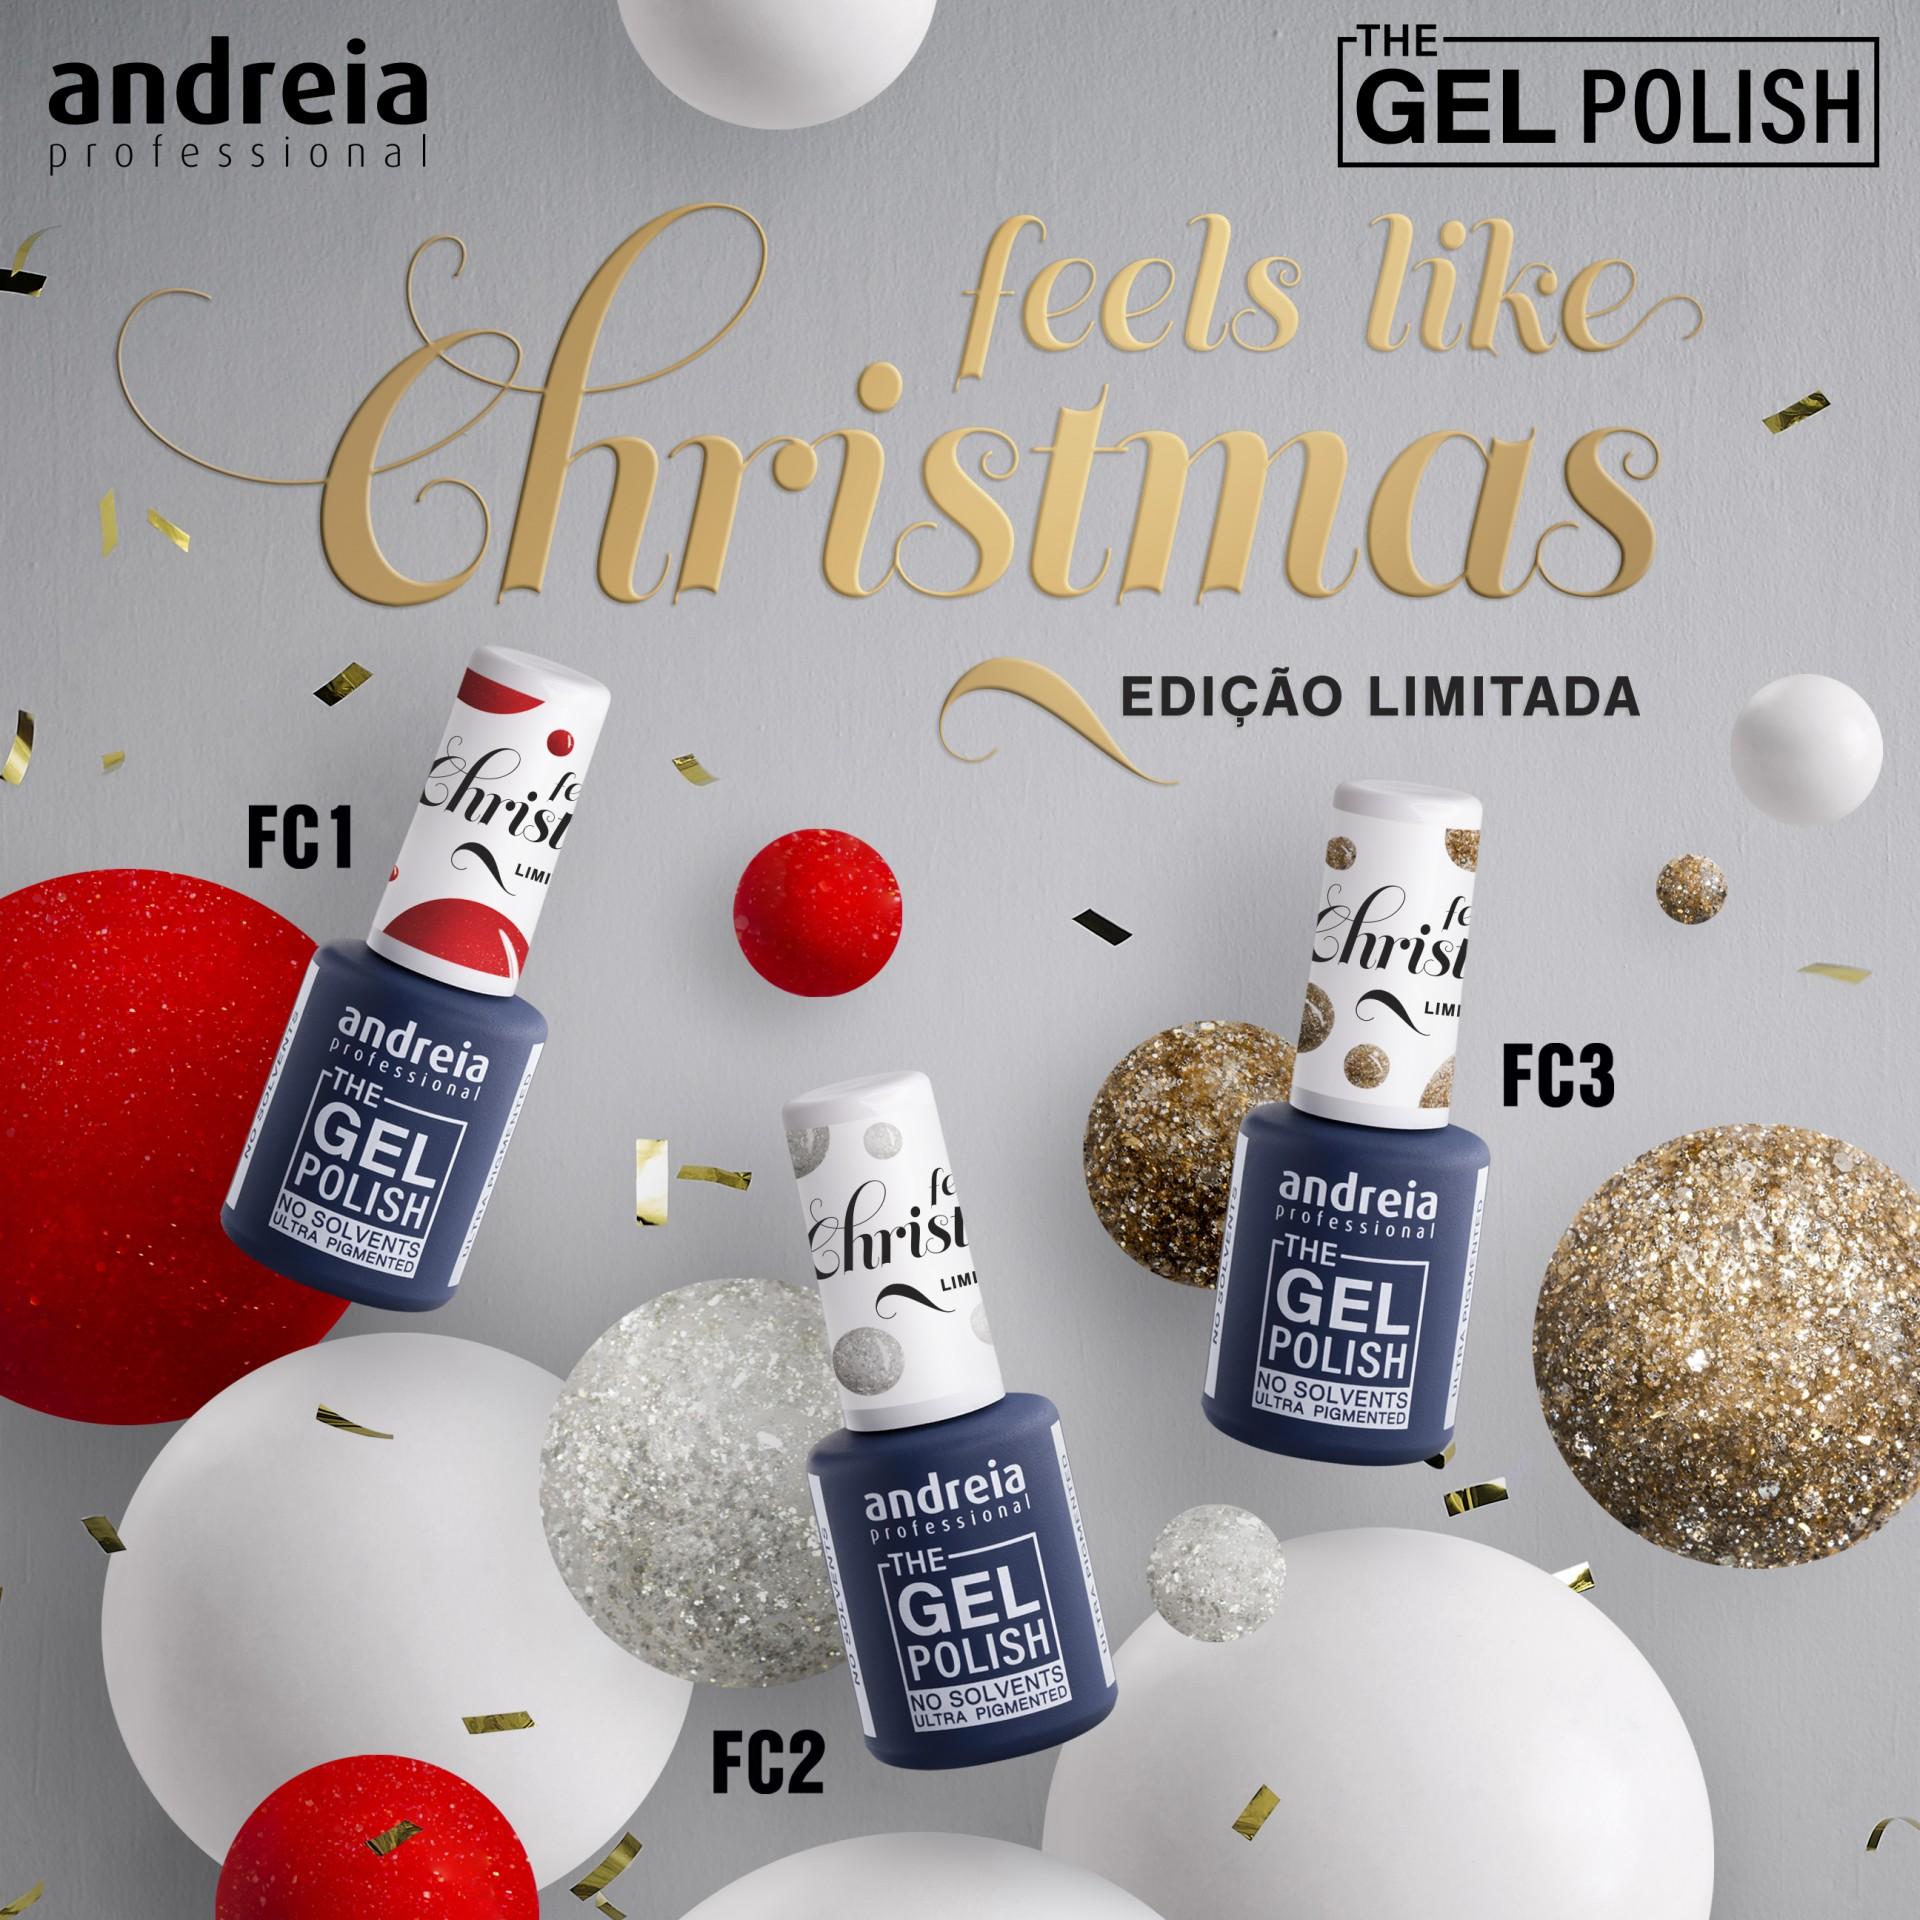 The Gel Polish Andreia - Feels Like Christmas Collection (Edição Limitada)